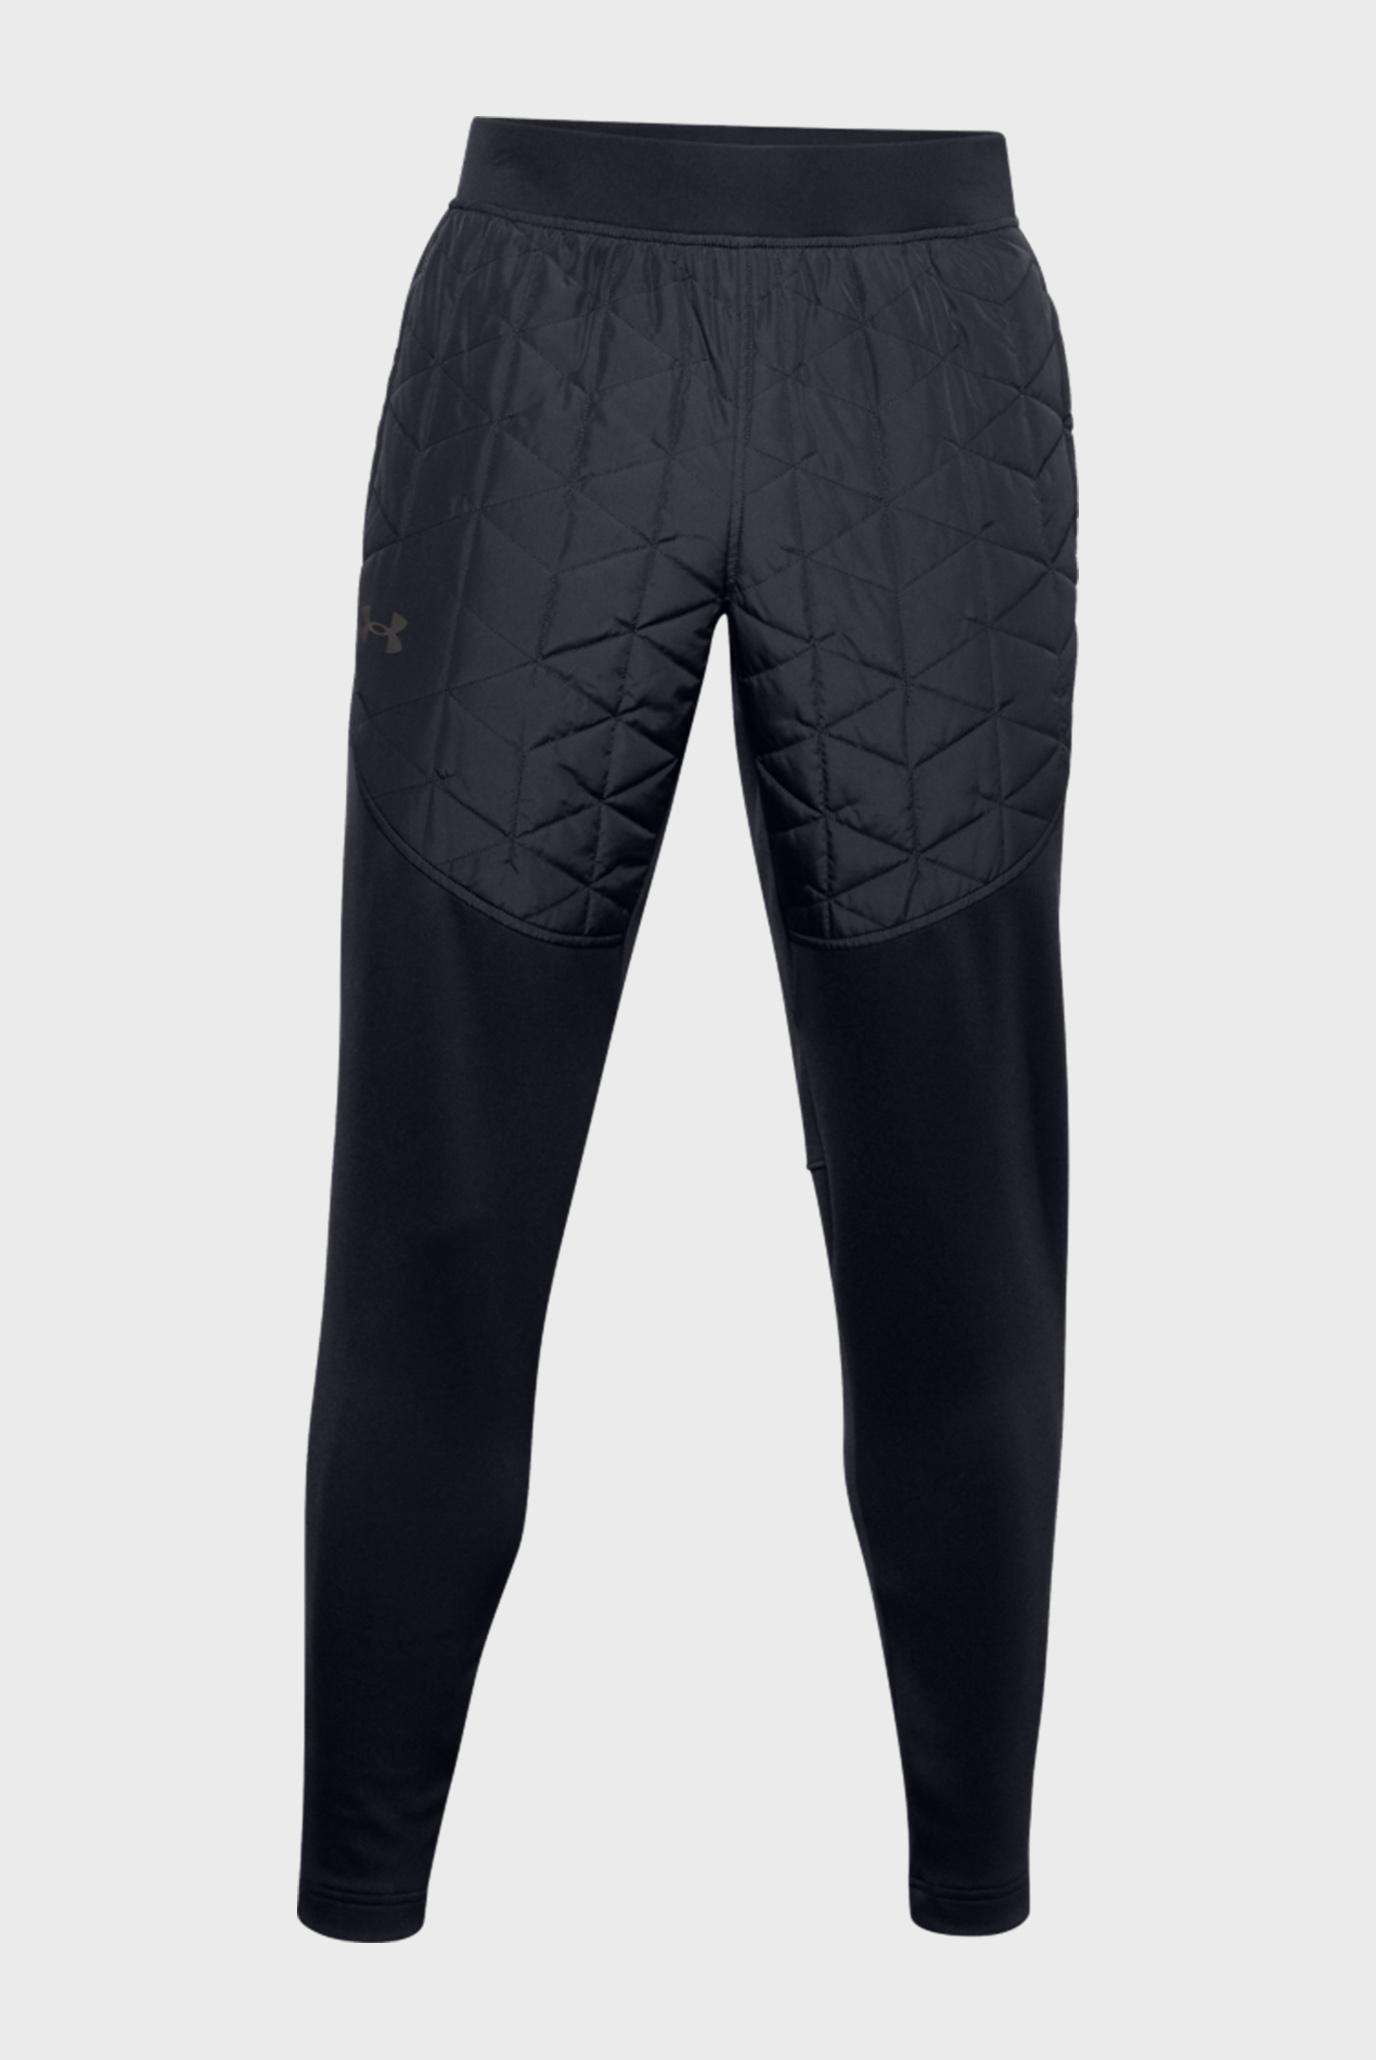 Чоловічі чорні спортивні штани CG Reactor Run 1